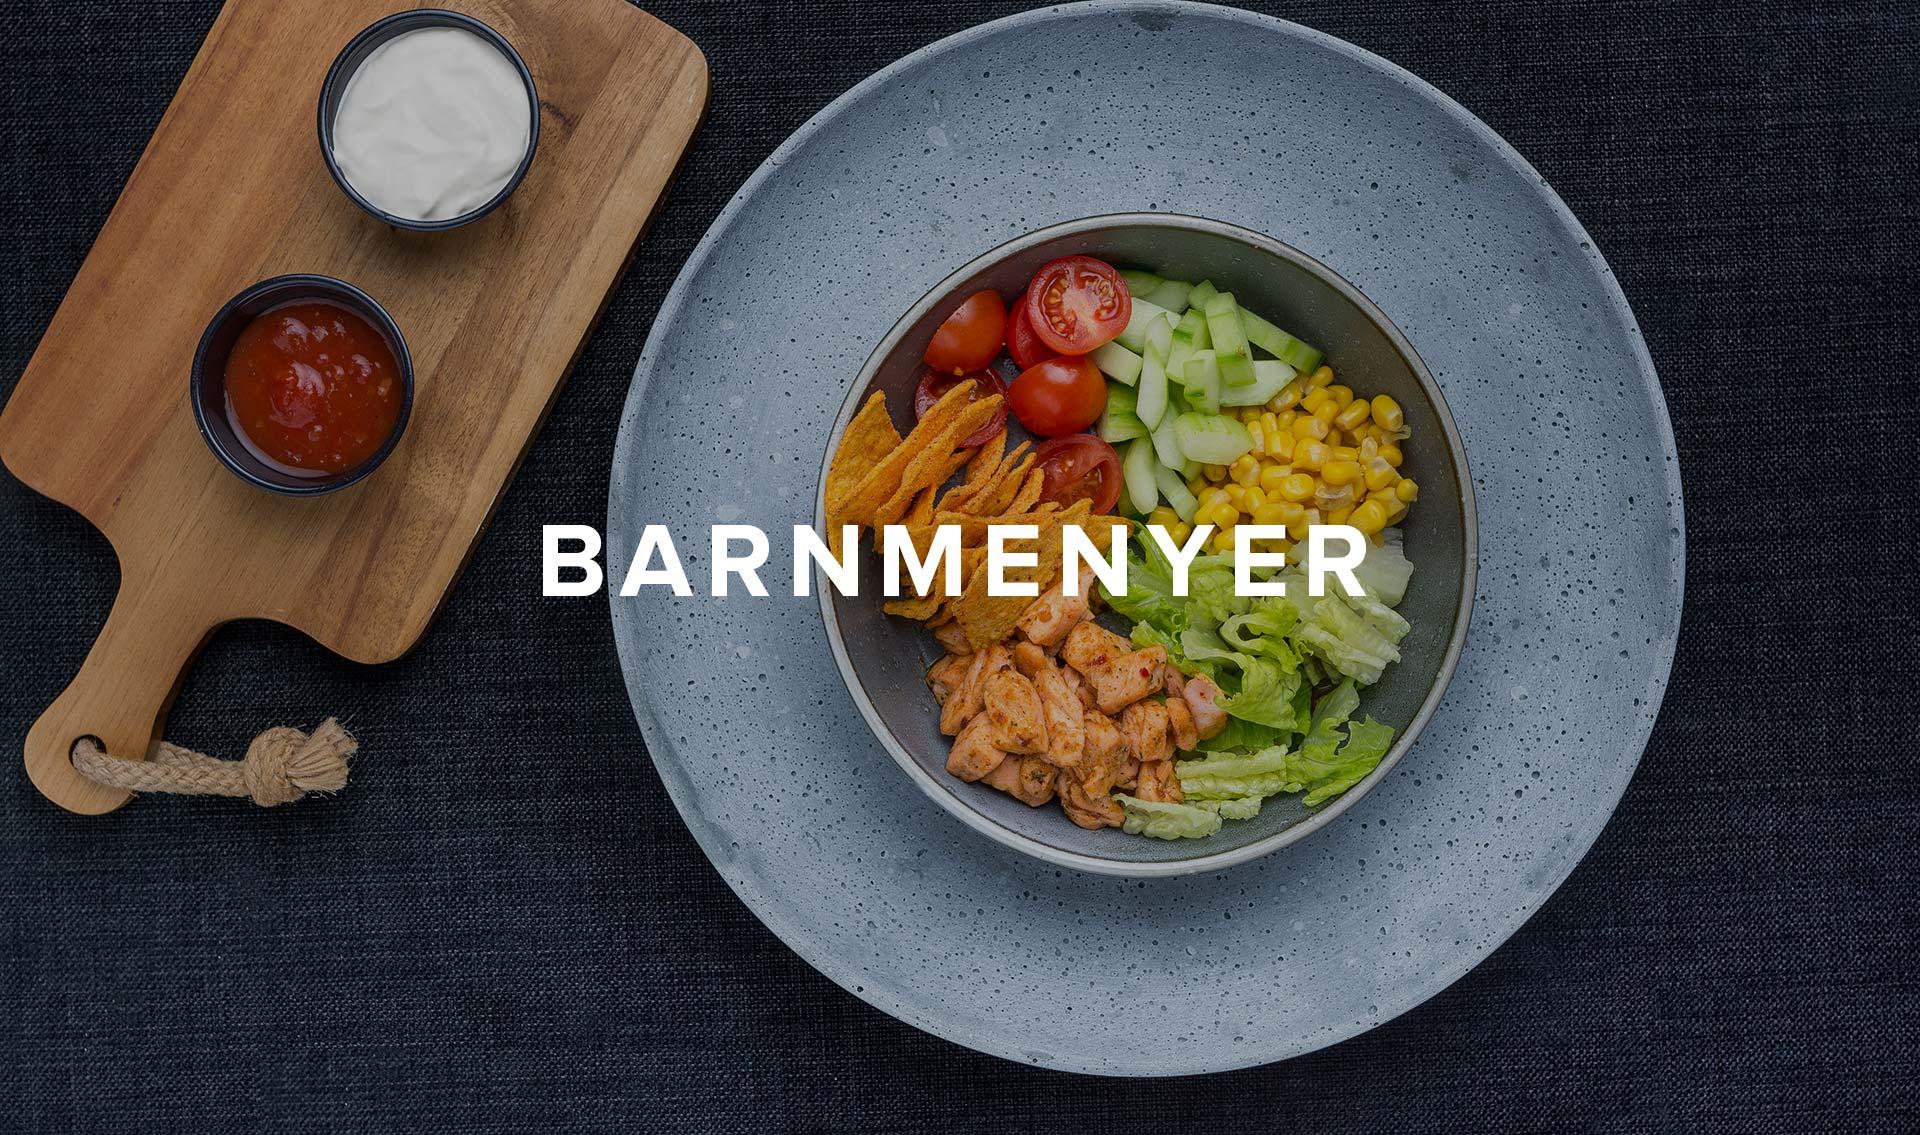 barnmeny-banner.jpg